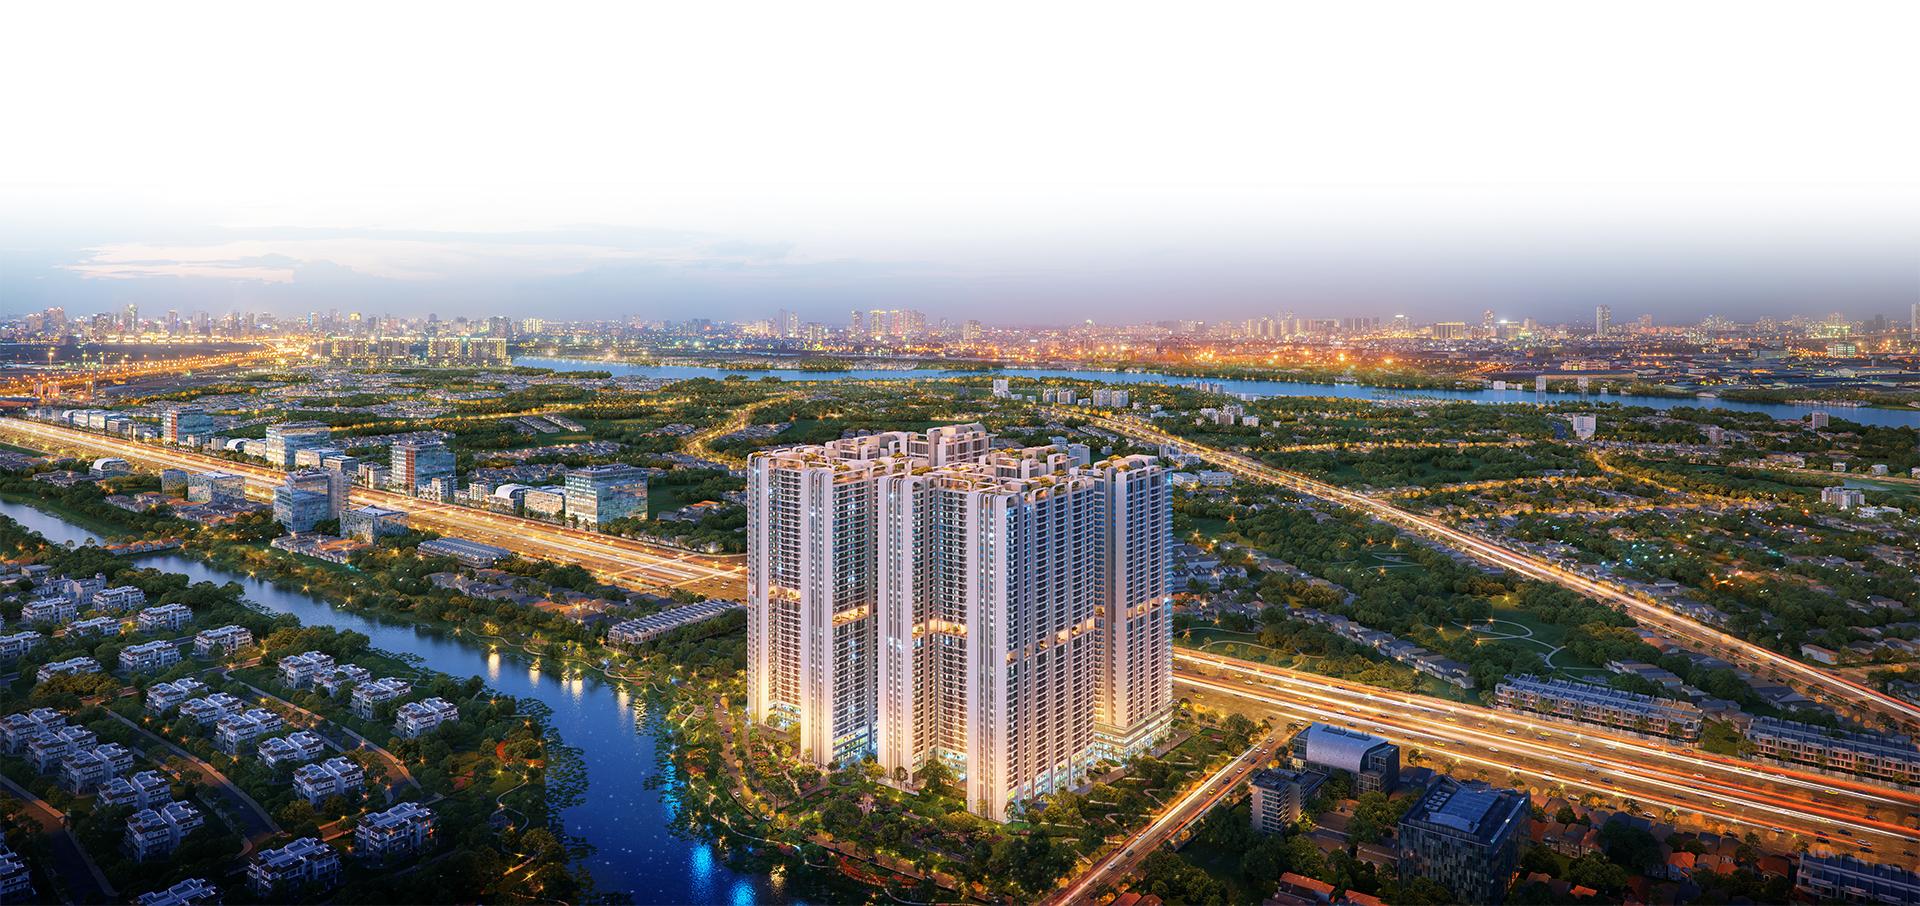 Dự án căn hộ sở hữu gần 23.000 m2 tiện ích tại Bình Dương 12